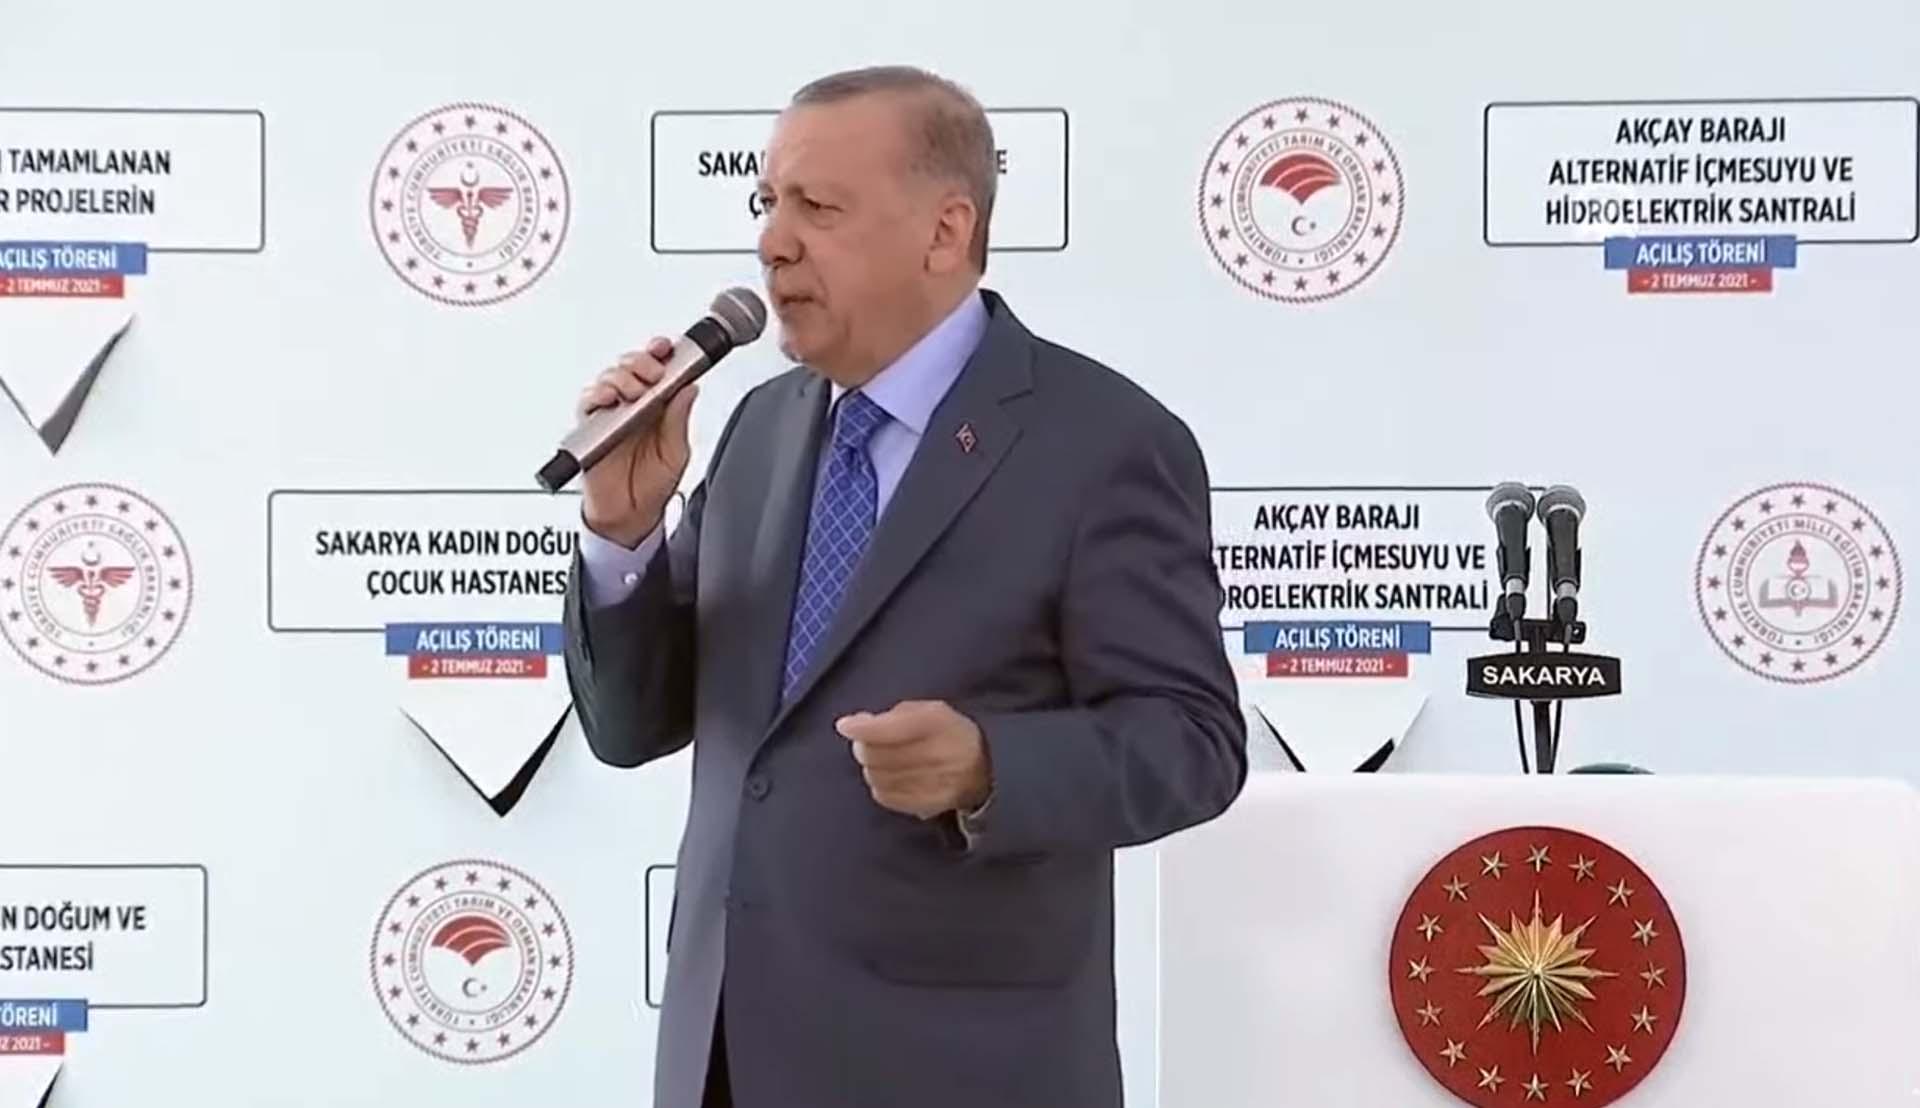 Cumhurbaşkanı Erdoğan'dan Sakarya'daki toplu açılış töreninde önemli açıklamalar